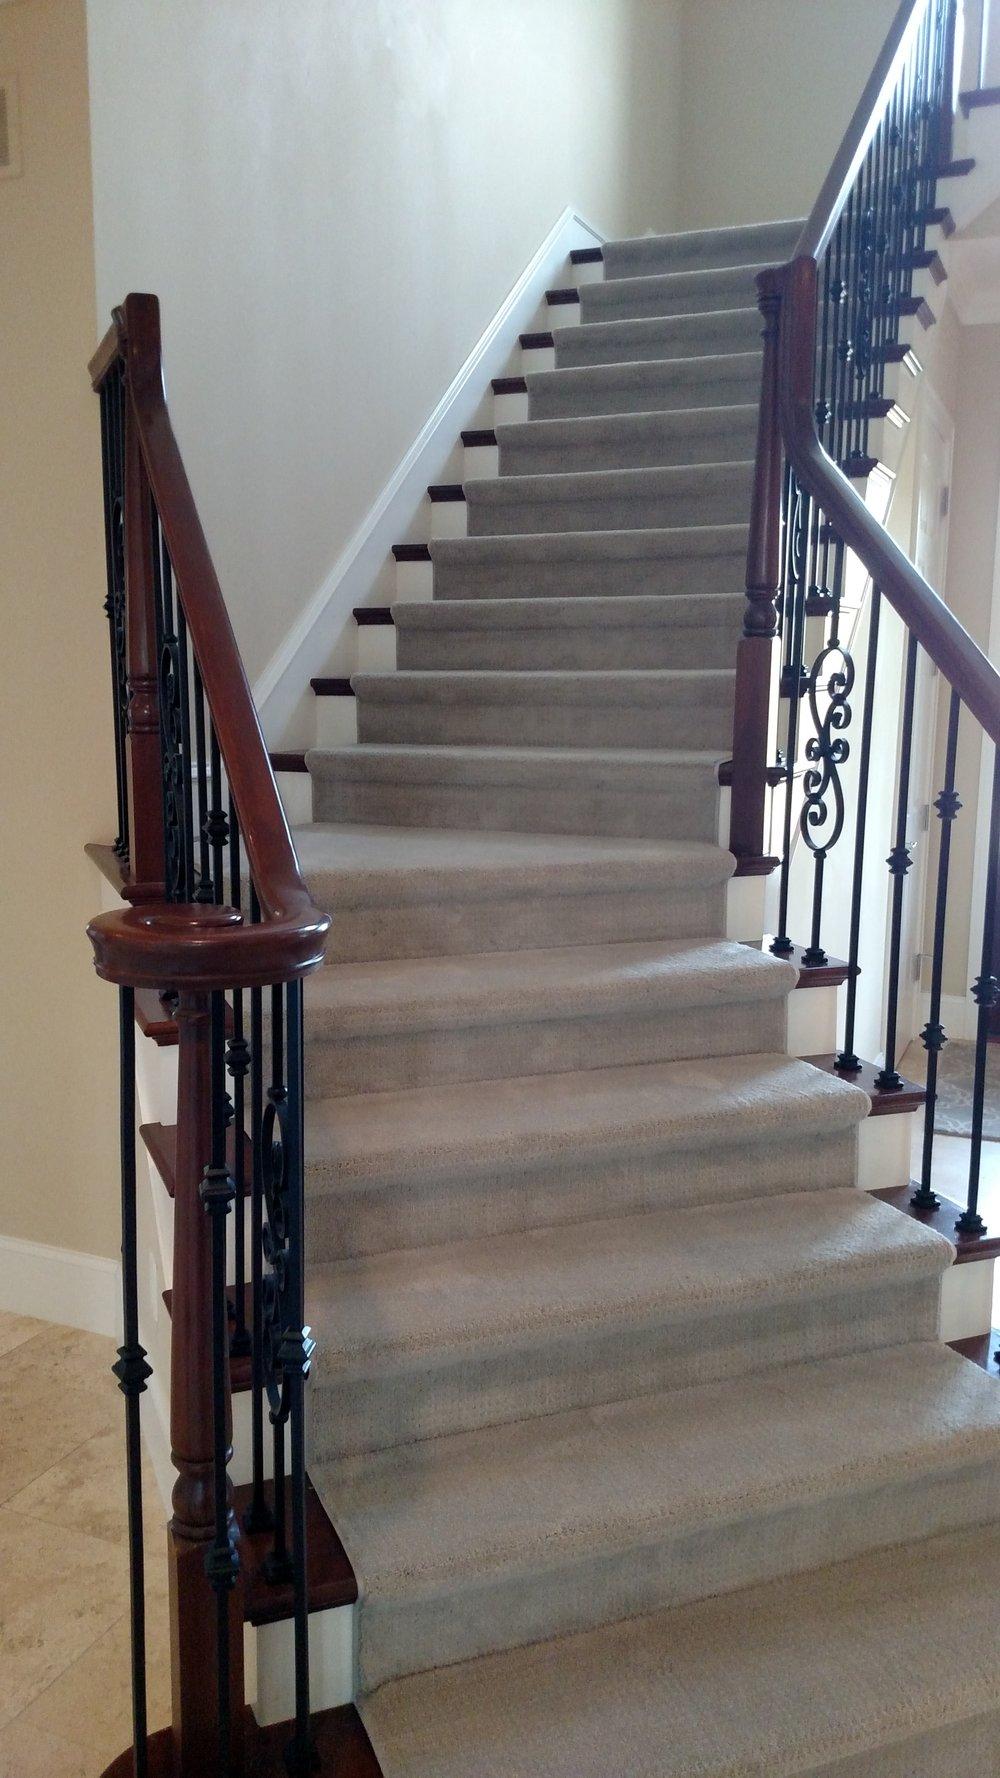 FurnitureStore Front Stairway2.jpg